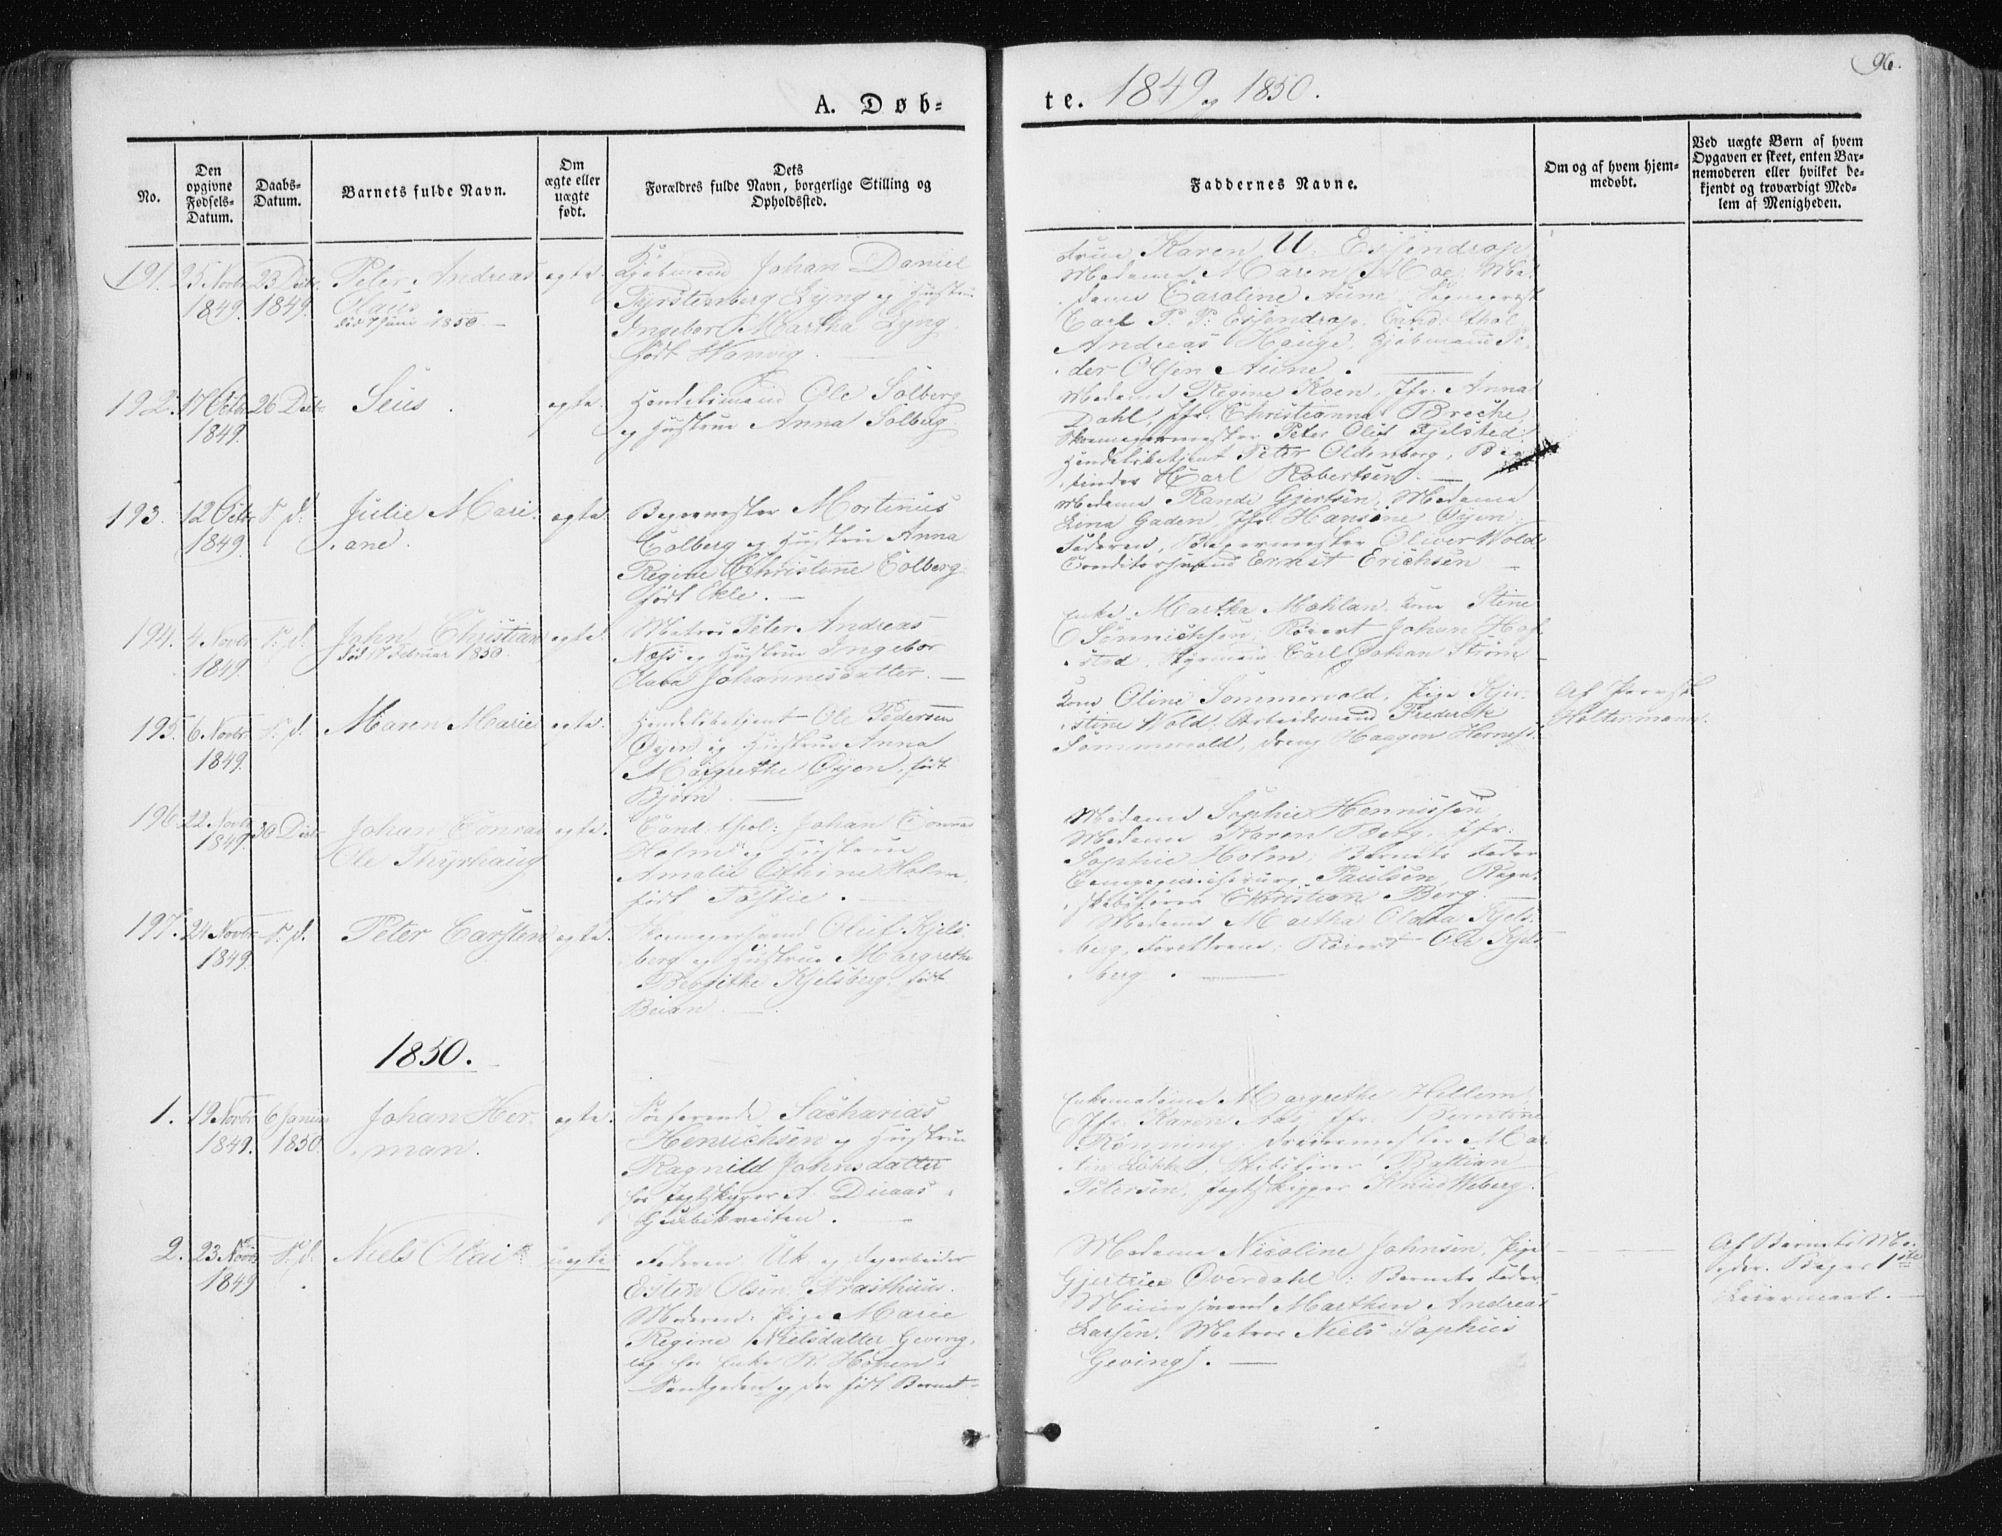 SAT, Ministerialprotokoller, klokkerbøker og fødselsregistre - Sør-Trøndelag, 602/L0110: Ministerialbok nr. 602A08, 1840-1854, s. 96